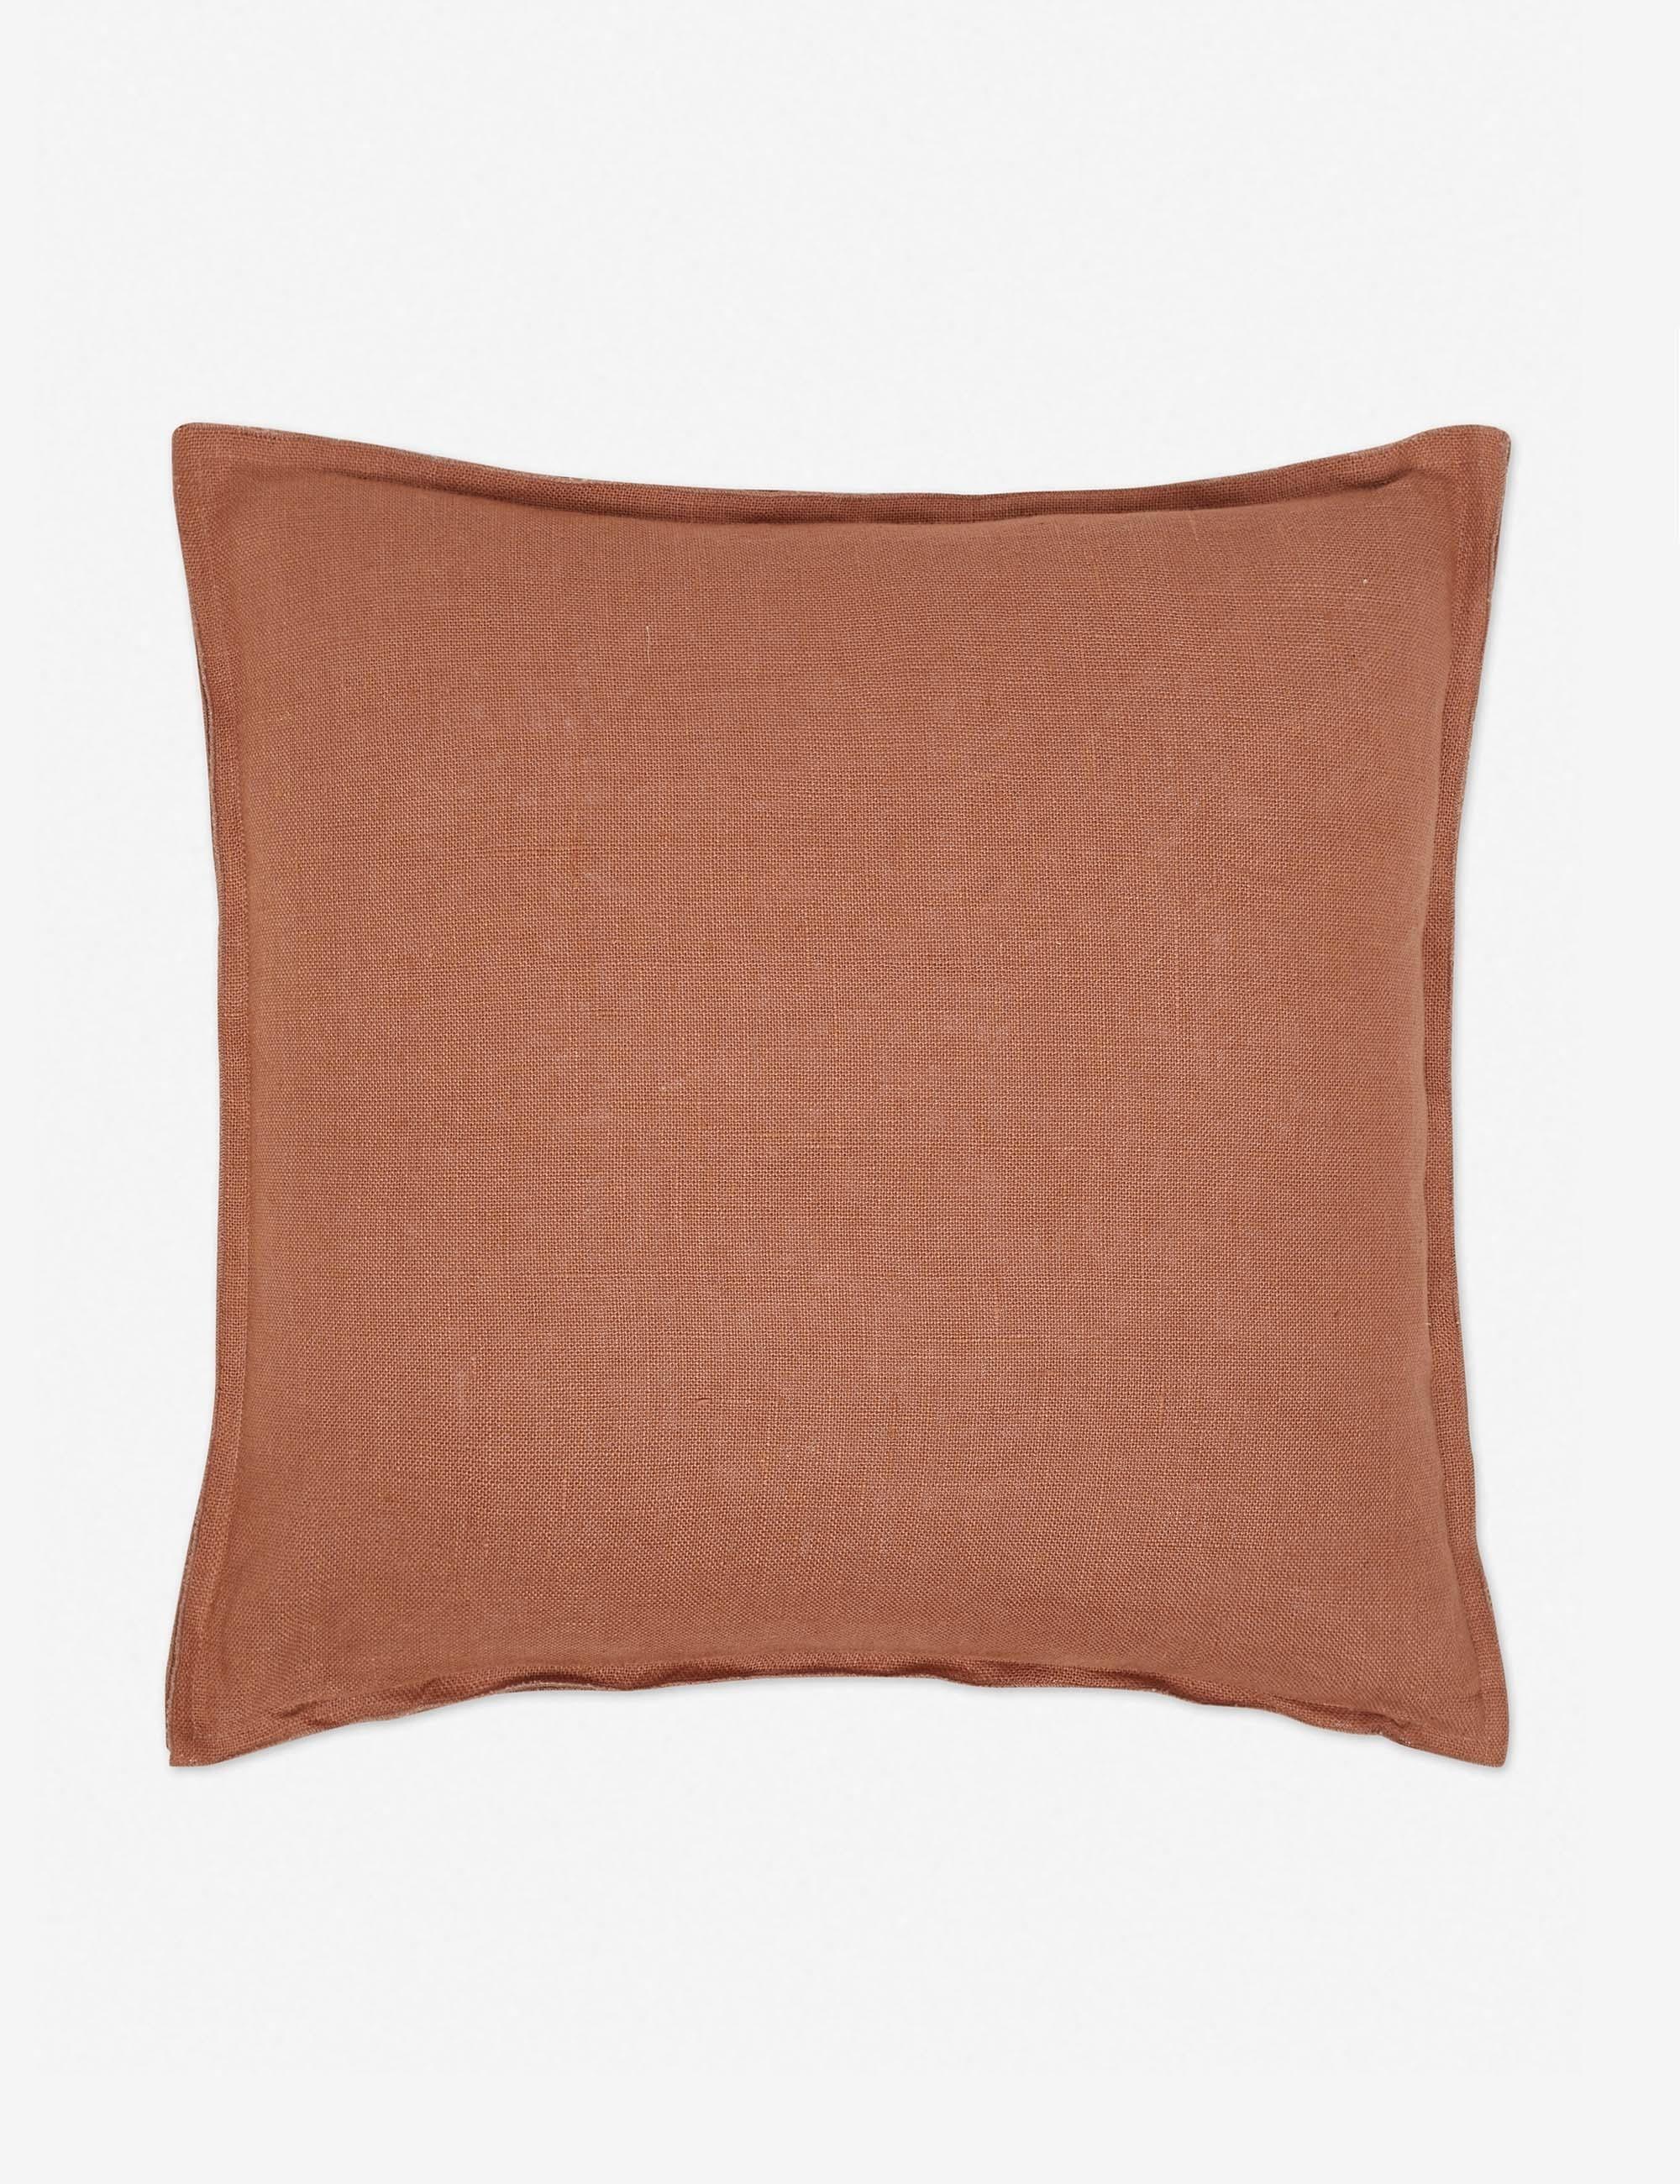 Arlo Linen Pillow, Rust